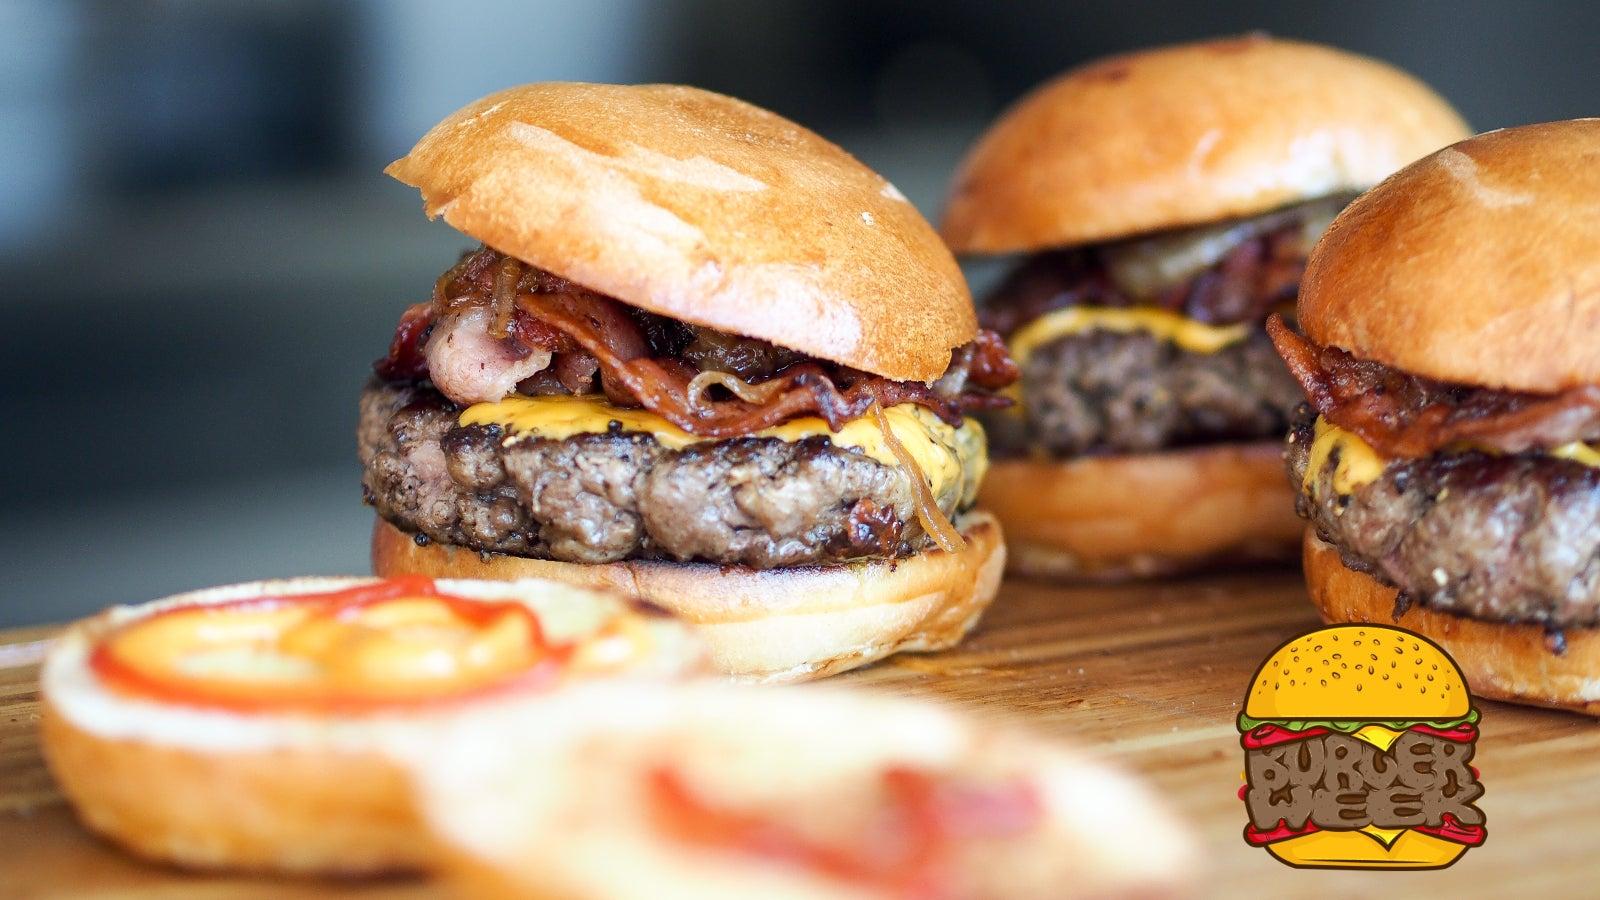 What Makes A Burger A Burger?